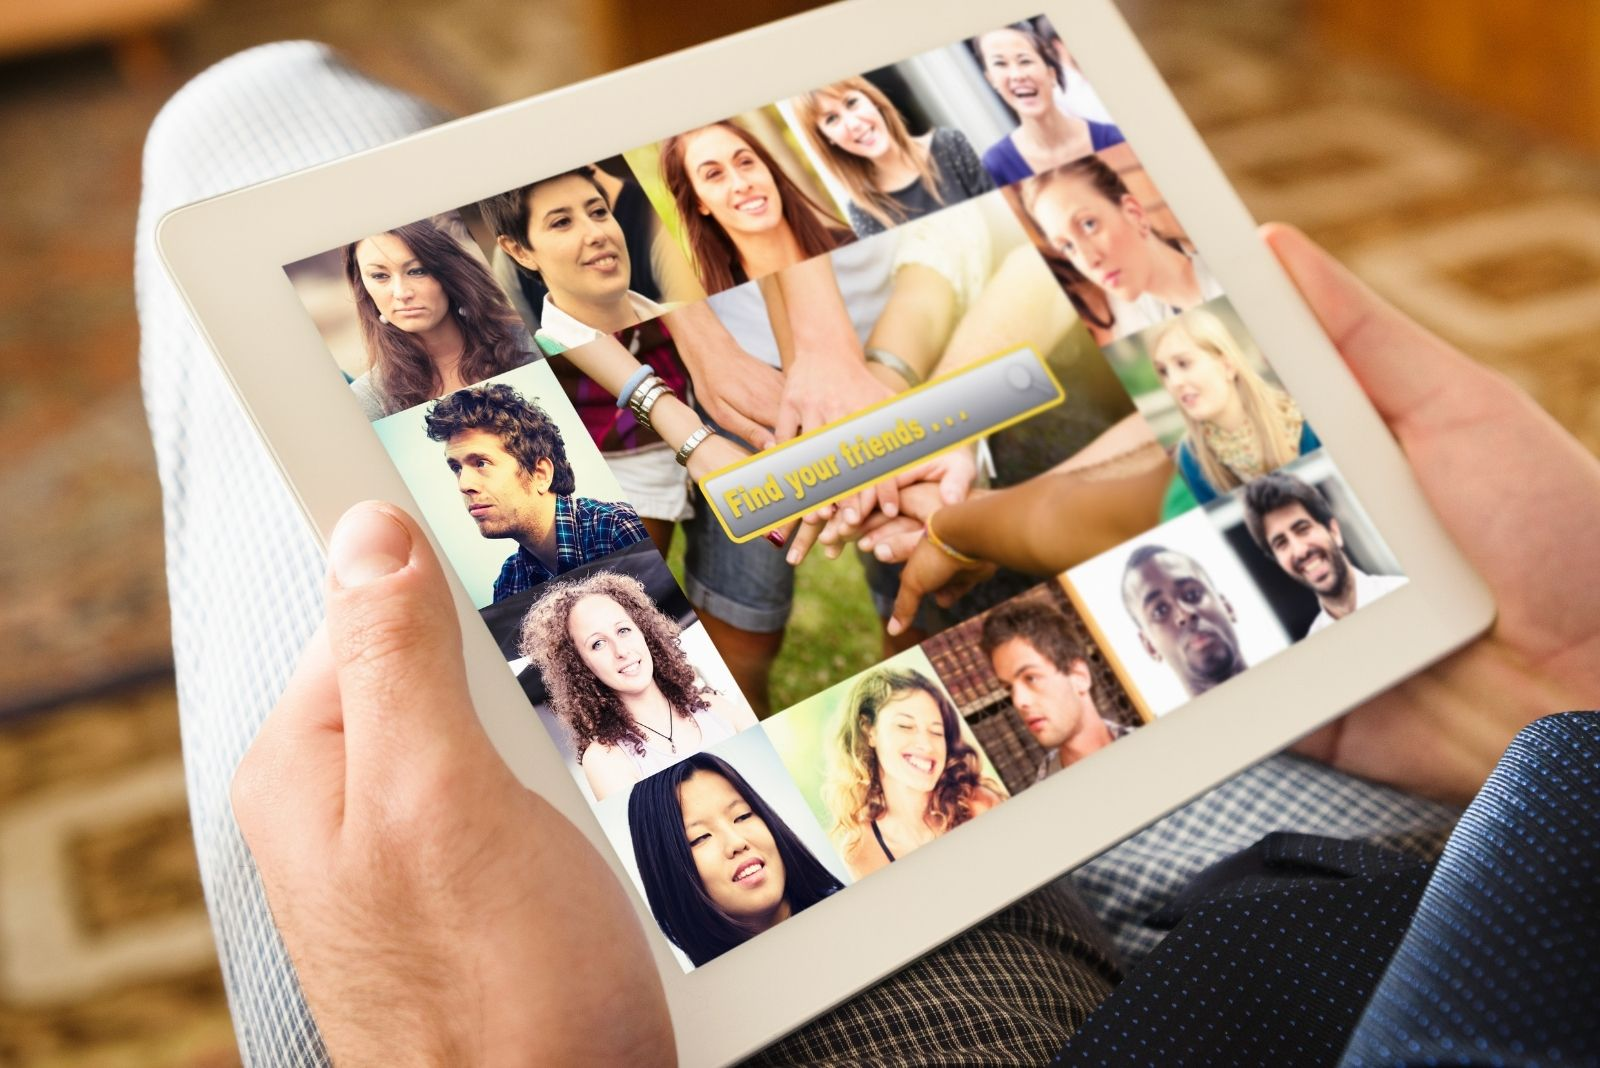 man holding a digital tablet with social media app